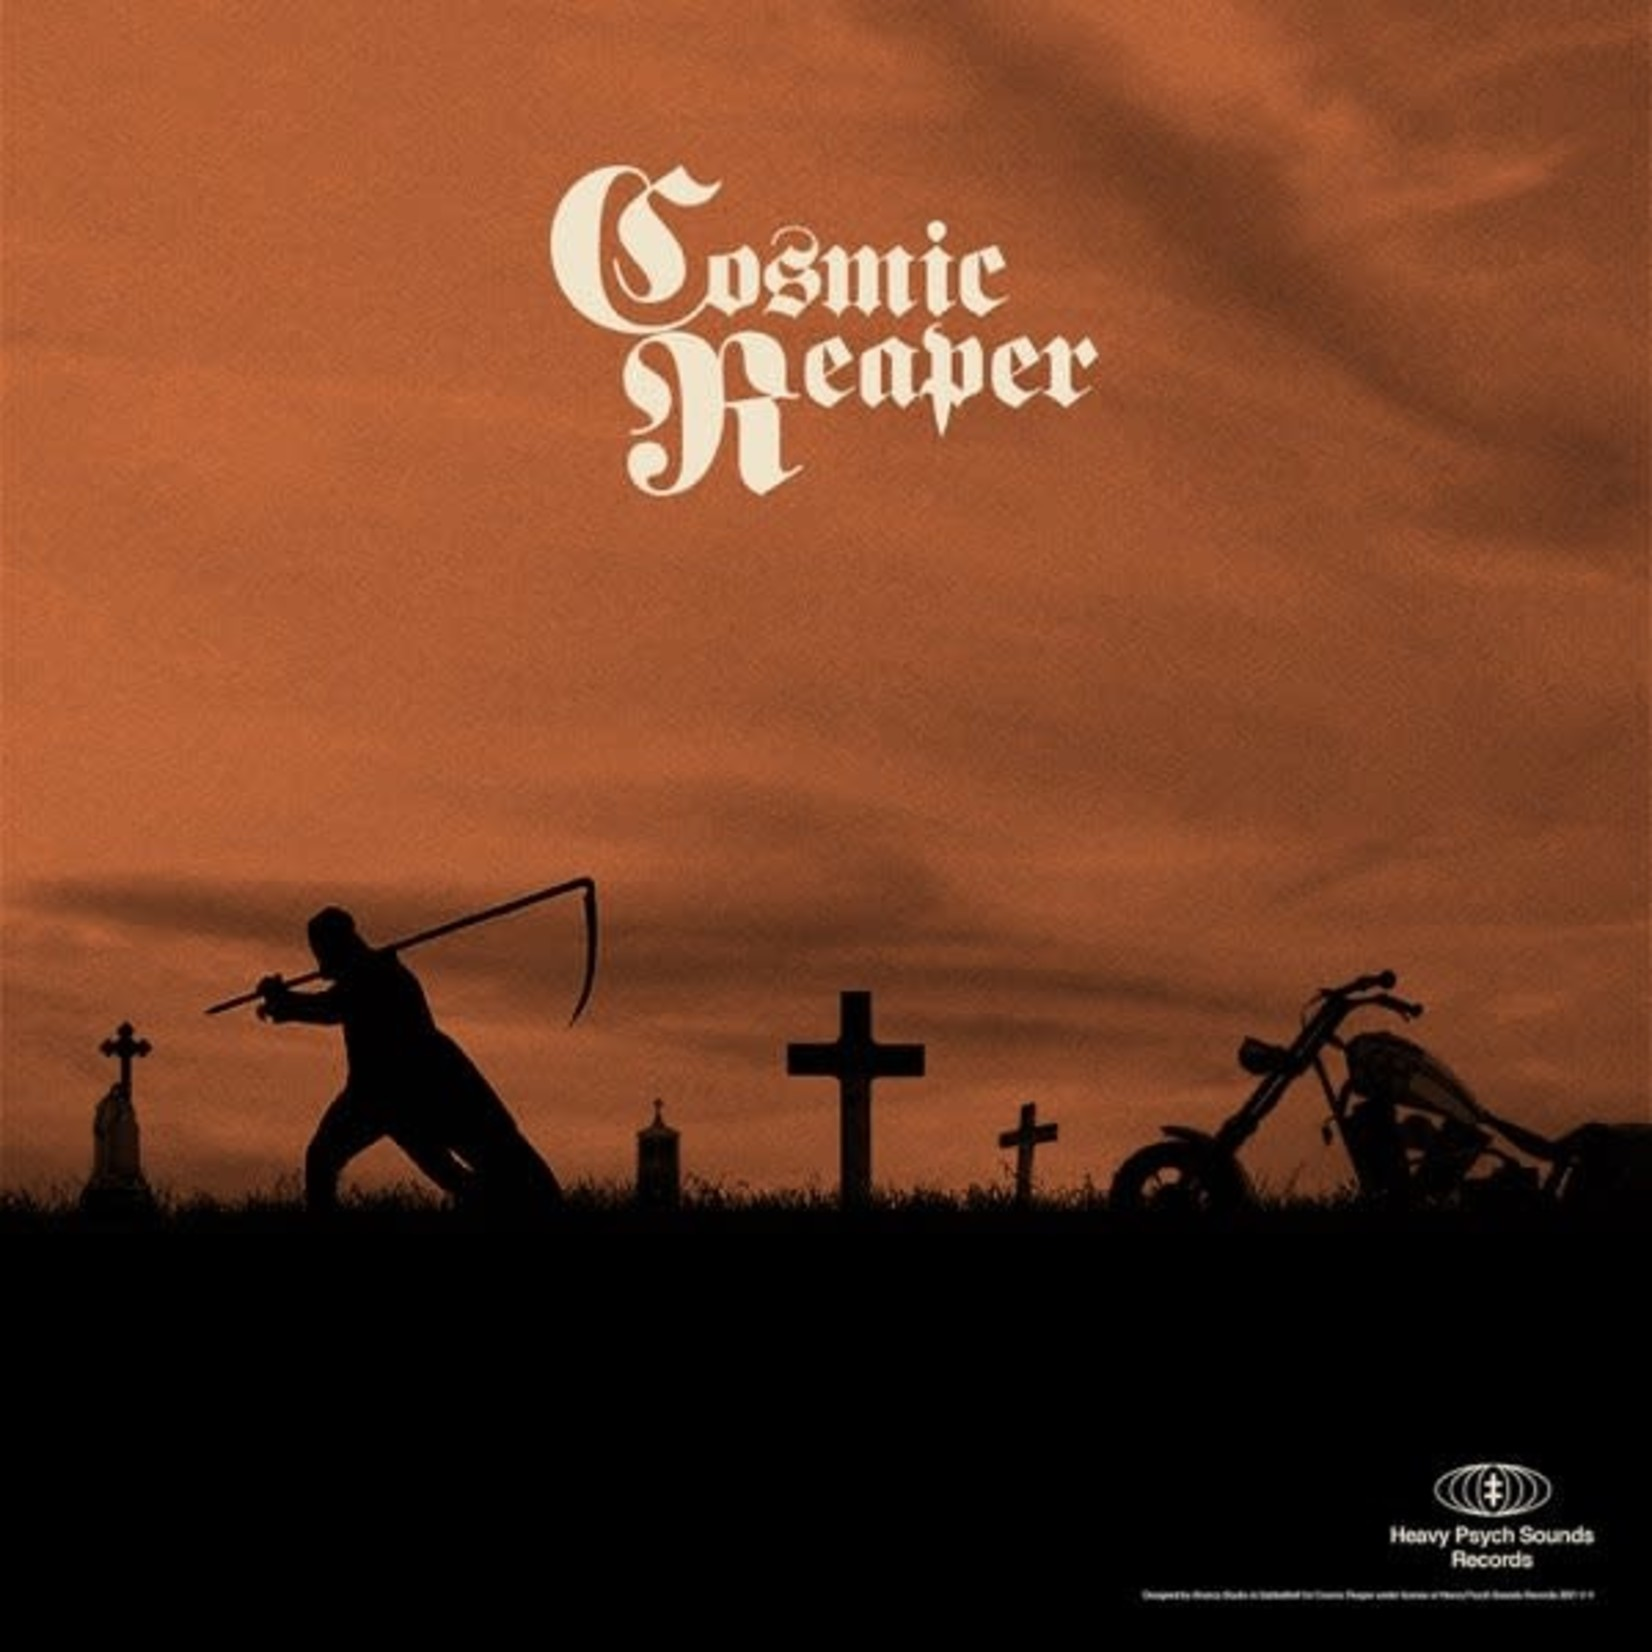 [New] Cosmic Reaper: Cosmic Reaper